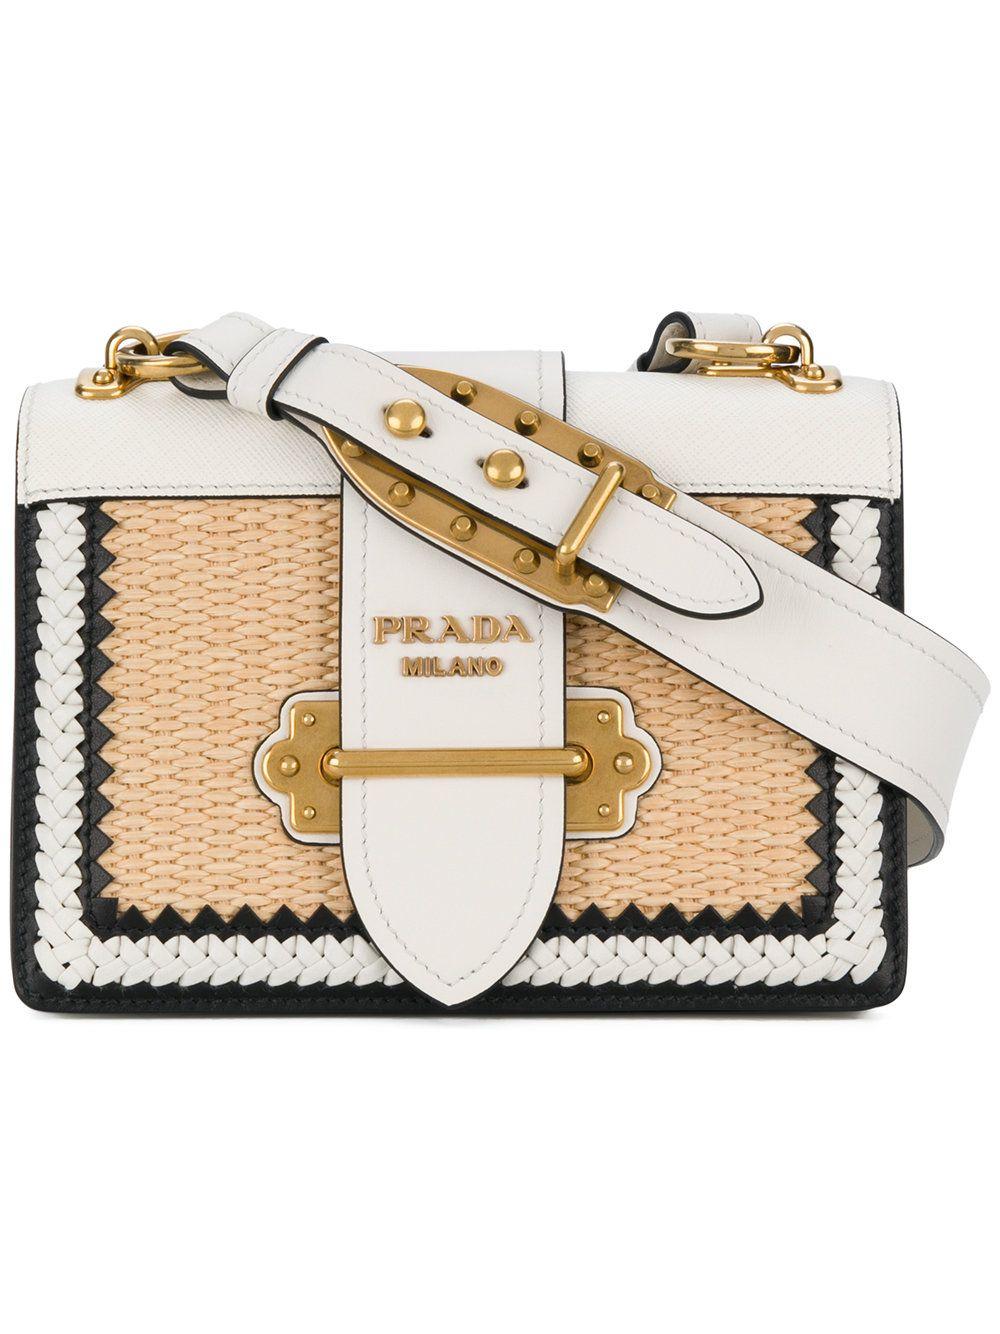 719a63a1851012 Prada Cahier straw shoulder bag | Bags | Prada bag, White shoulder ...